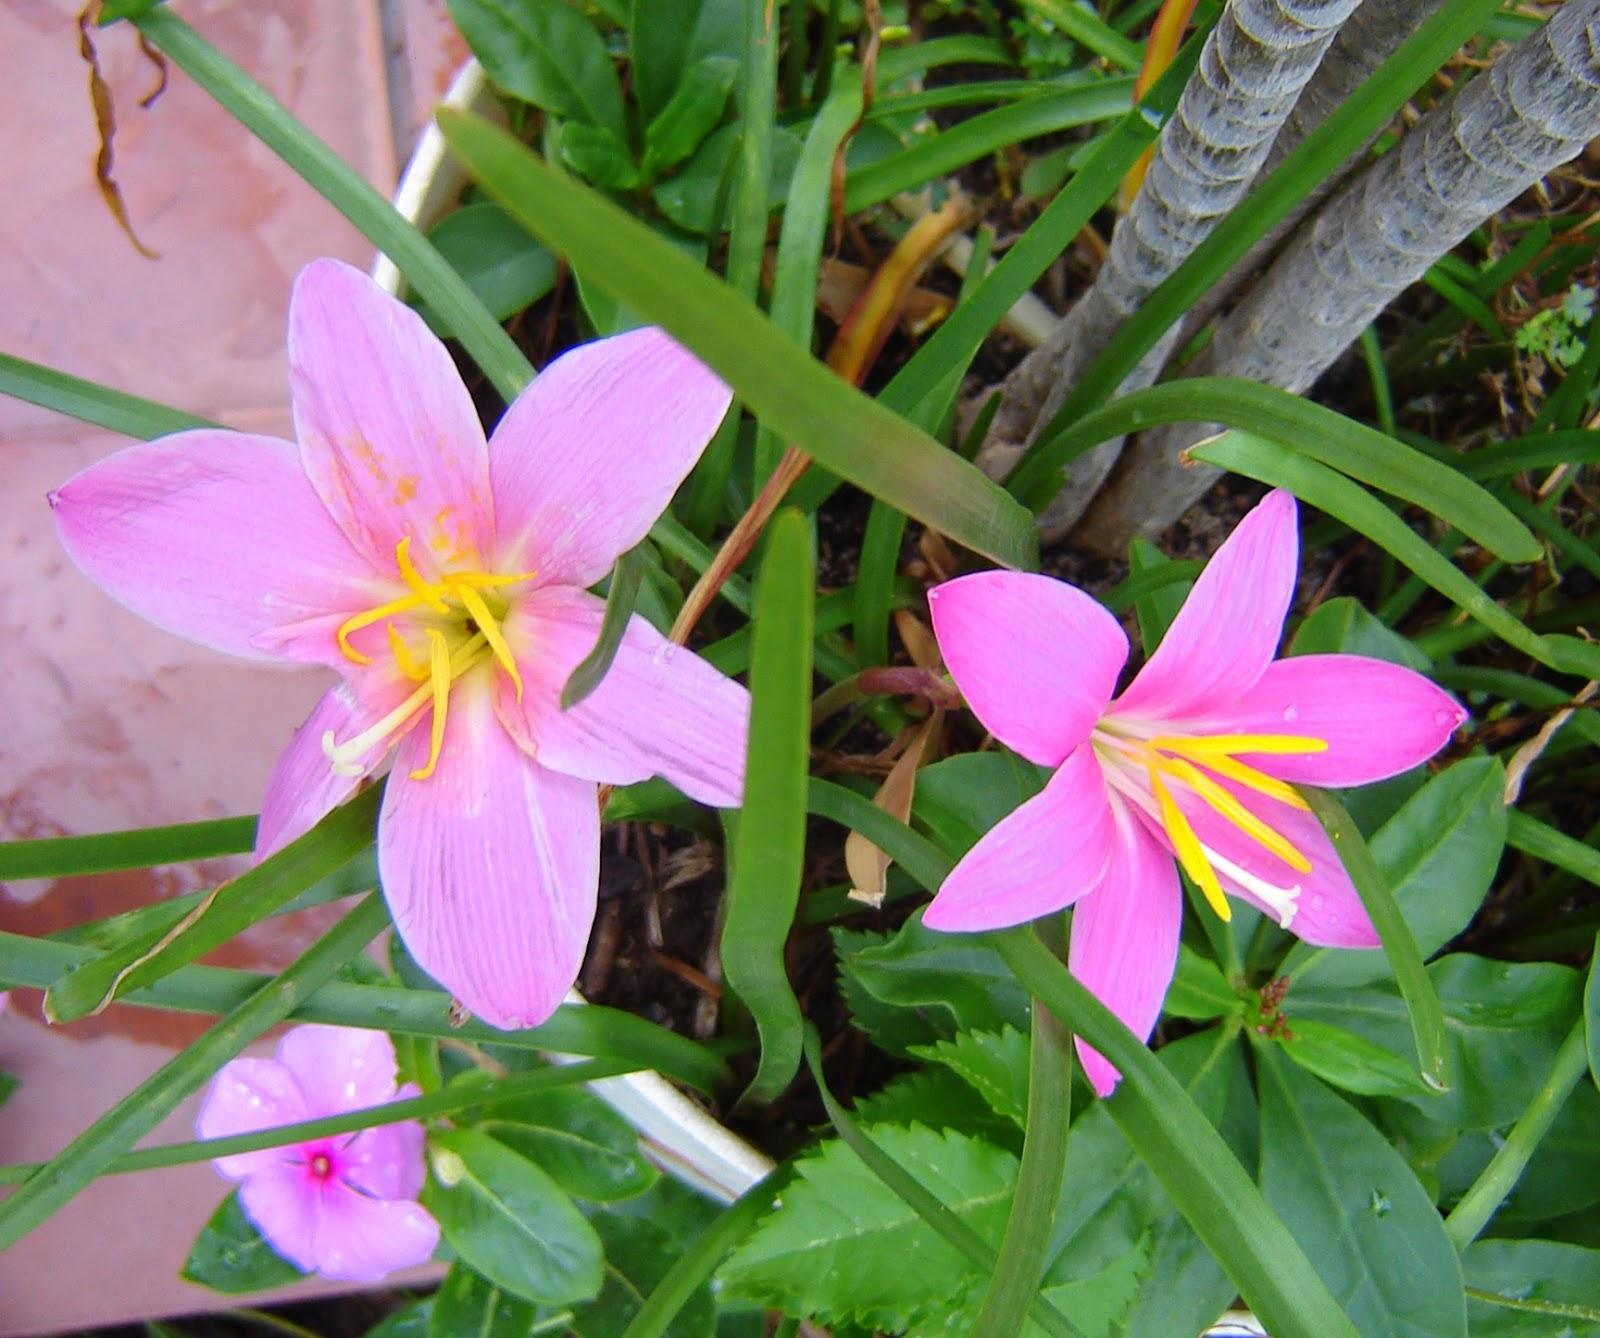 V e r d e c h a c o lirio de la lluvia for Plantas ornamentales ejemplos y nombres